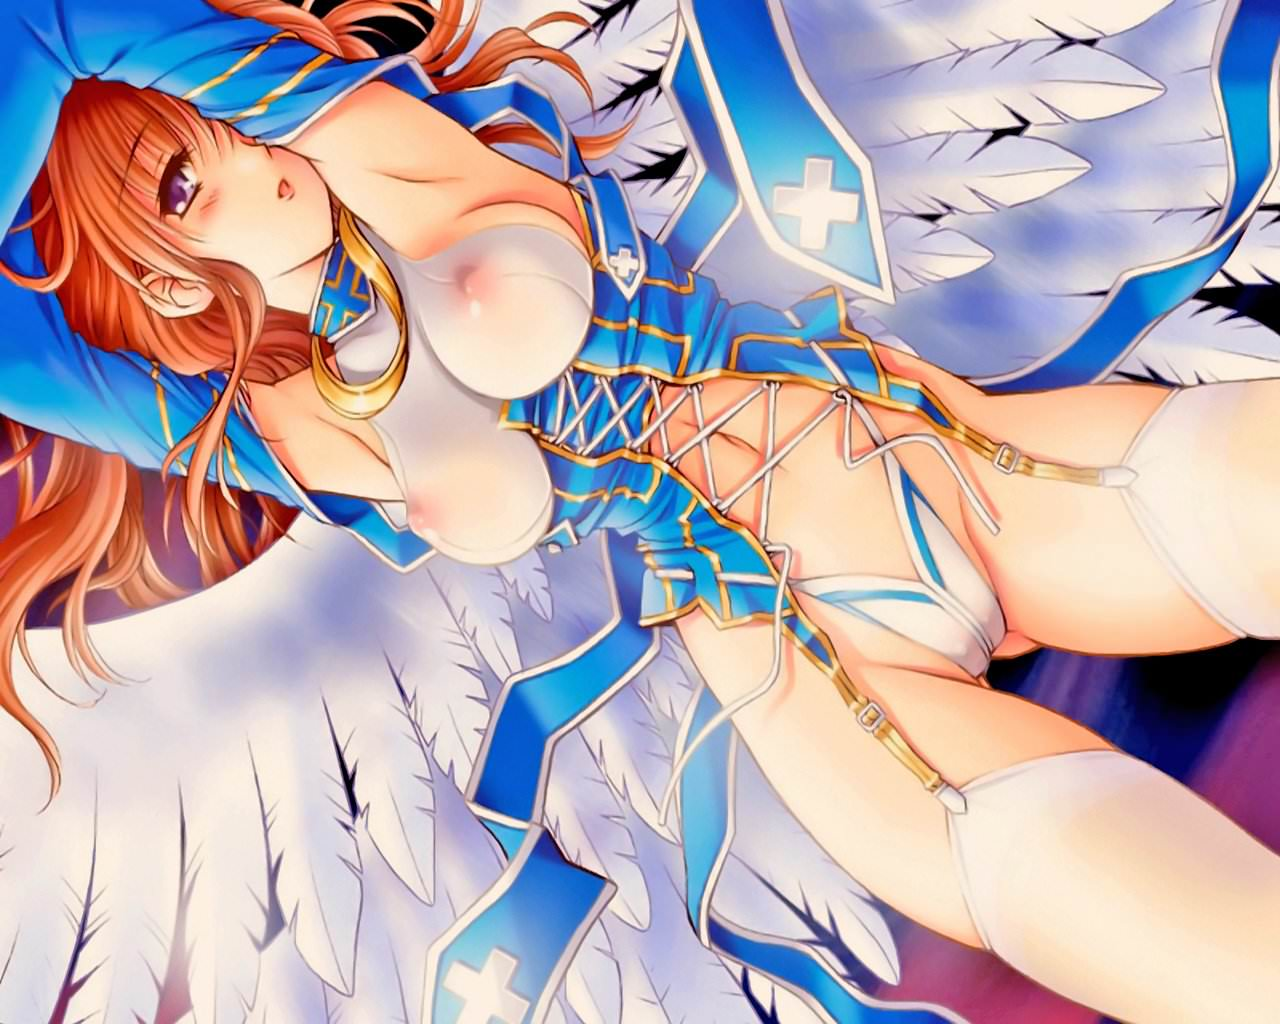 Секс аниме с ангелами 9 фотография